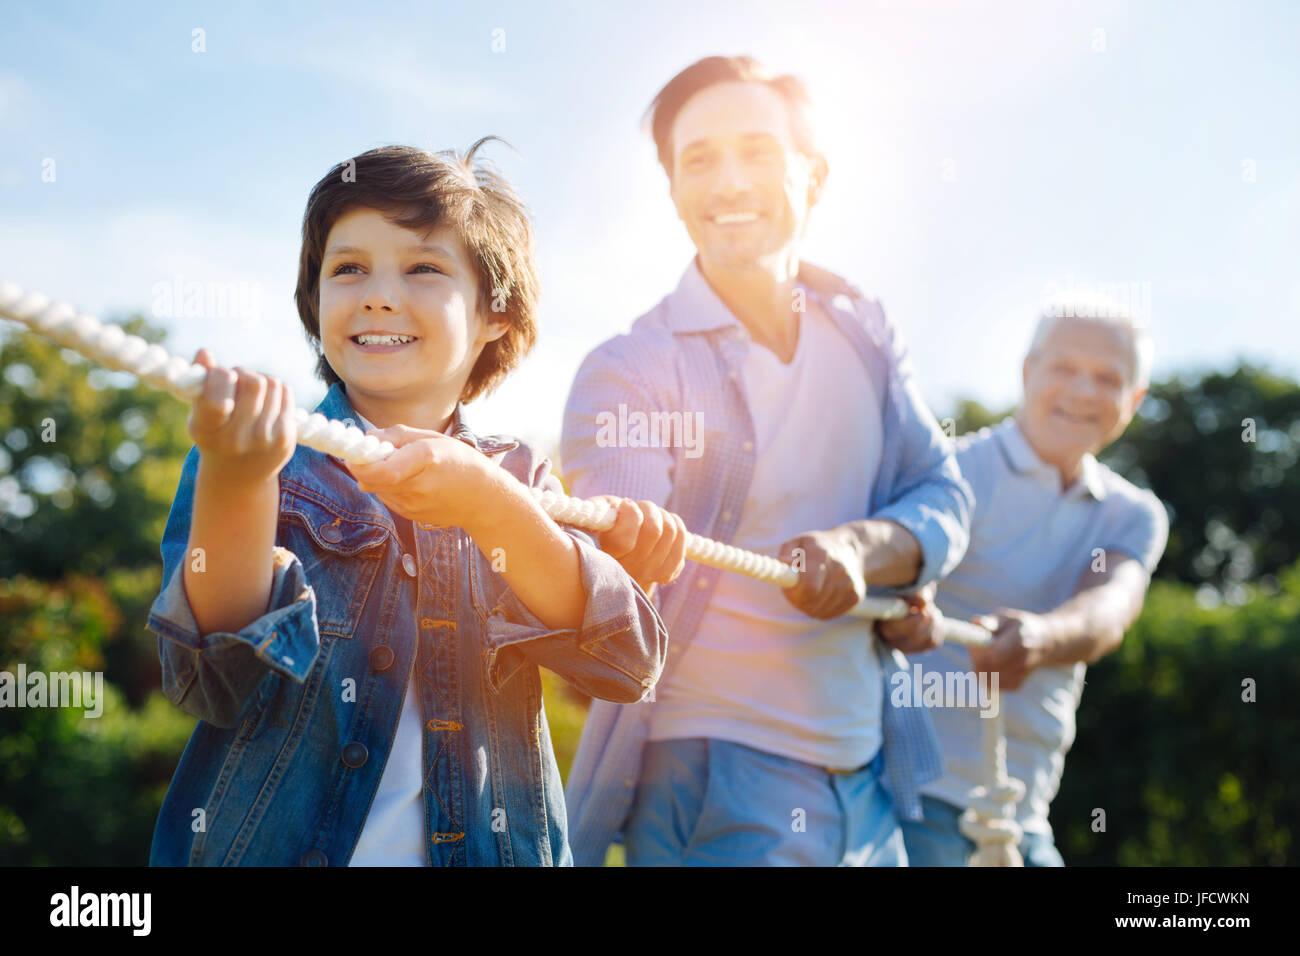 Supporto reale. Entusiastico focalizzata bella famiglia che agisce come un team durante la riproduzione di un rimorchiatore Immagini Stock